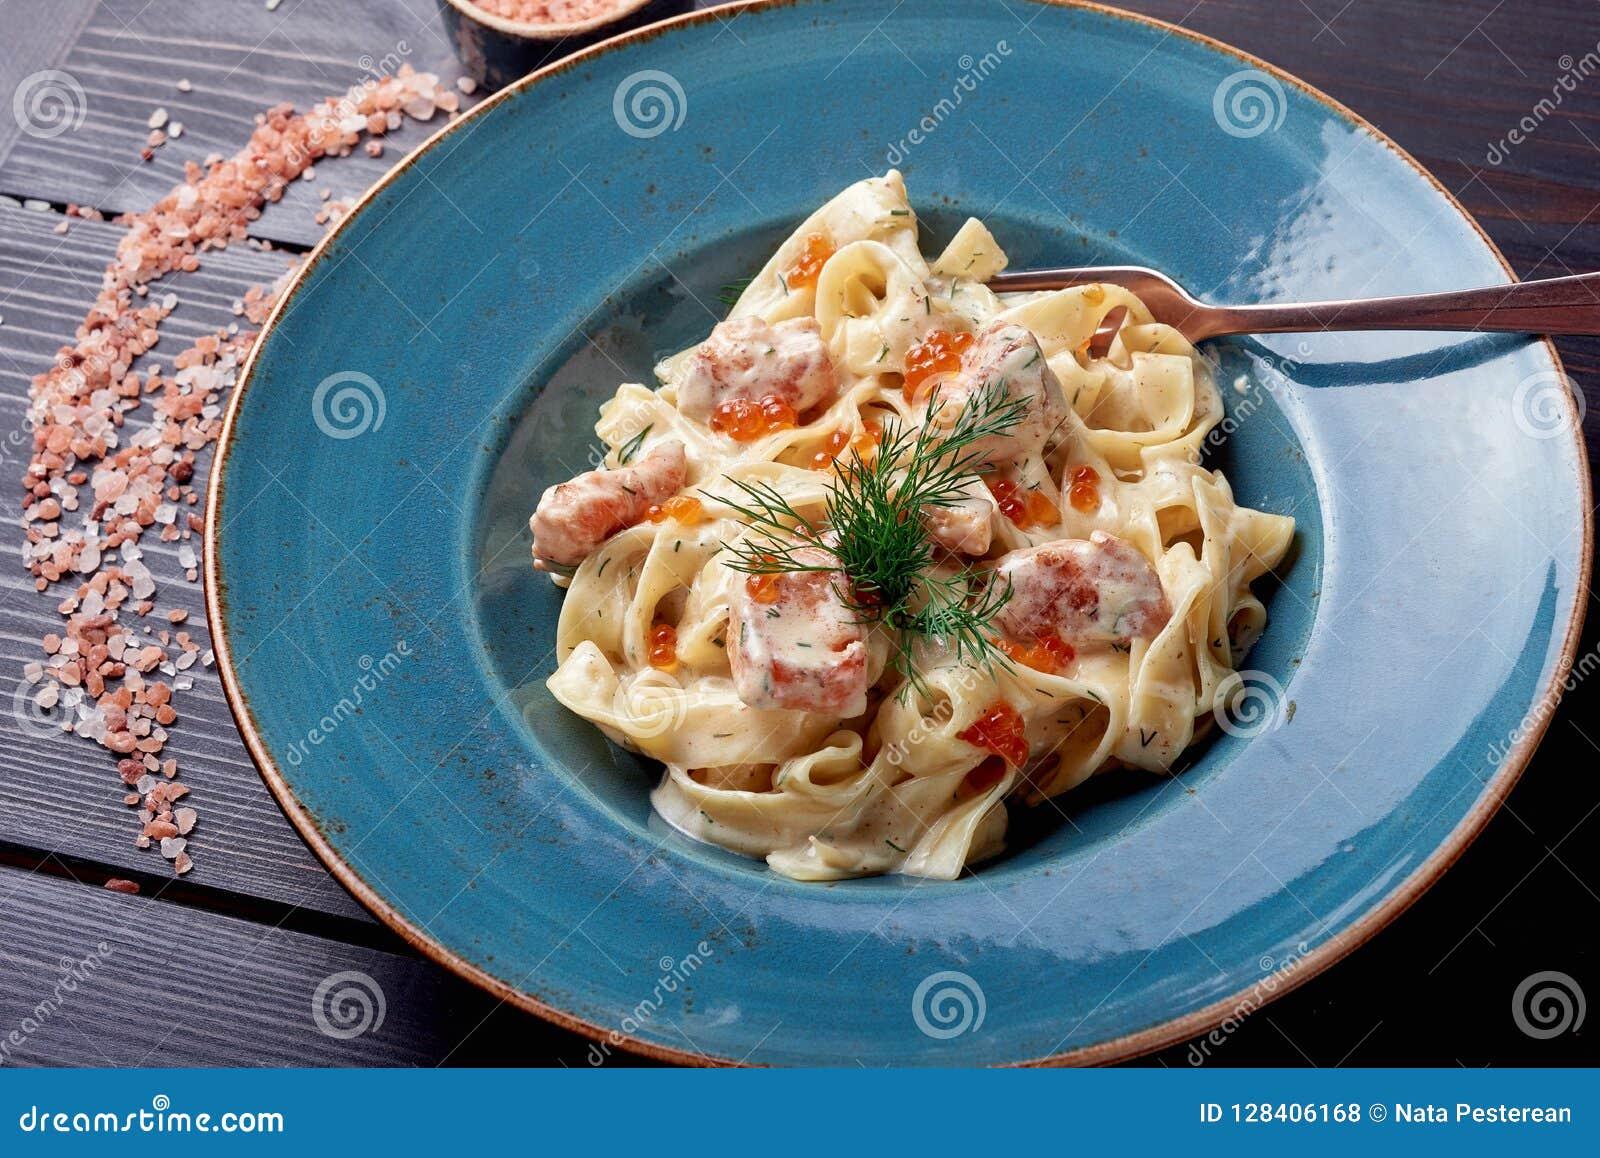 Carbonara面团、意粉有pancetta的,鸡蛋,坚硬帕尔马干酪和奶油沙司 alla茄子背景烹调新鲜的意大利norma荷兰芹意大利面食意粉蕃茄传统白色 面团